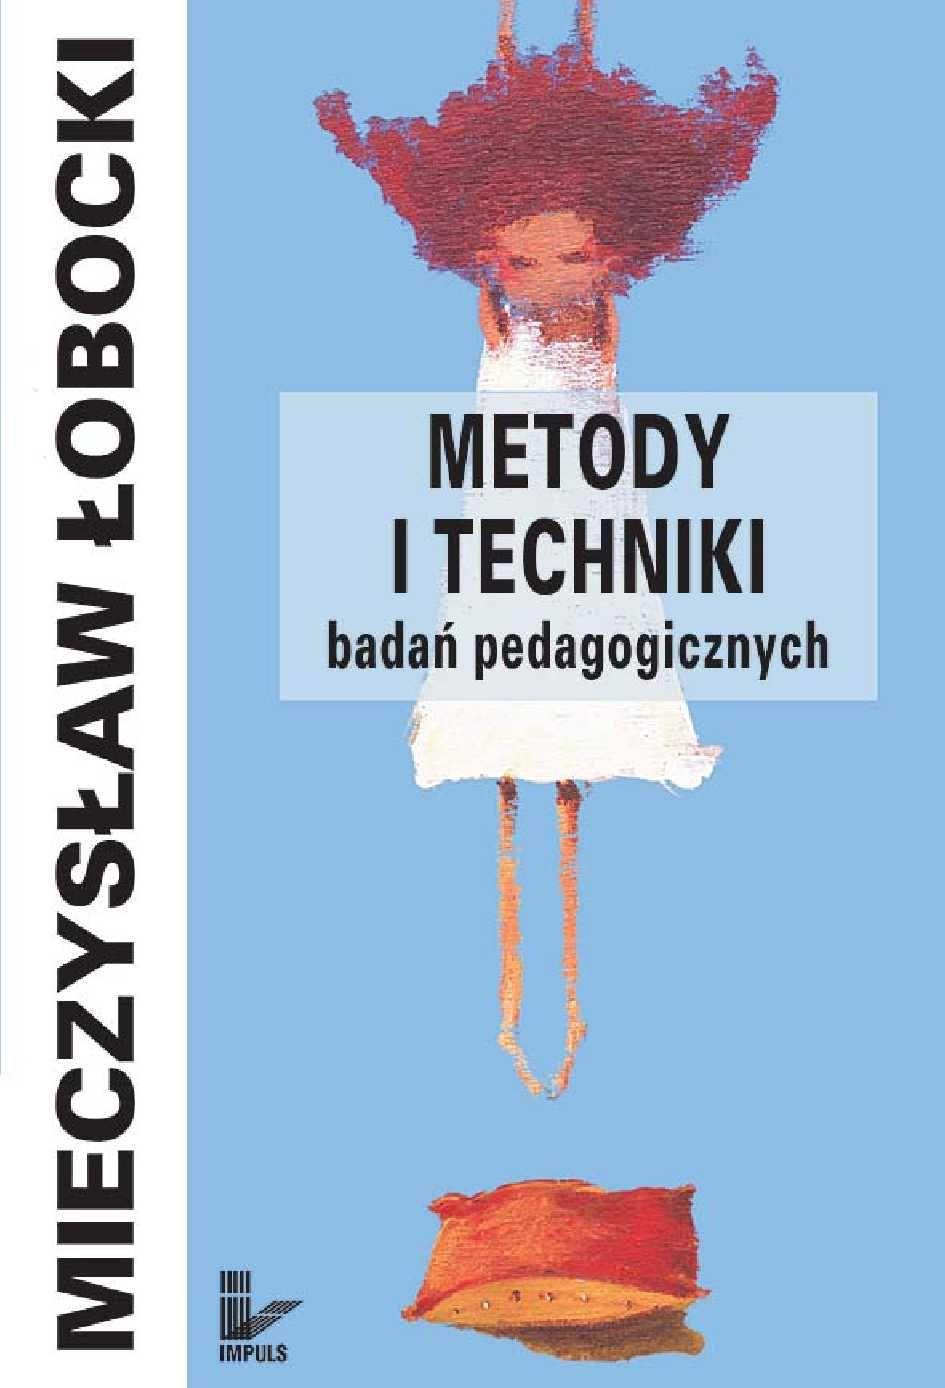 Metody i techniki badań pedagogicznych - Ebook (Książka na Kindle) do pobrania w formacie MOBI